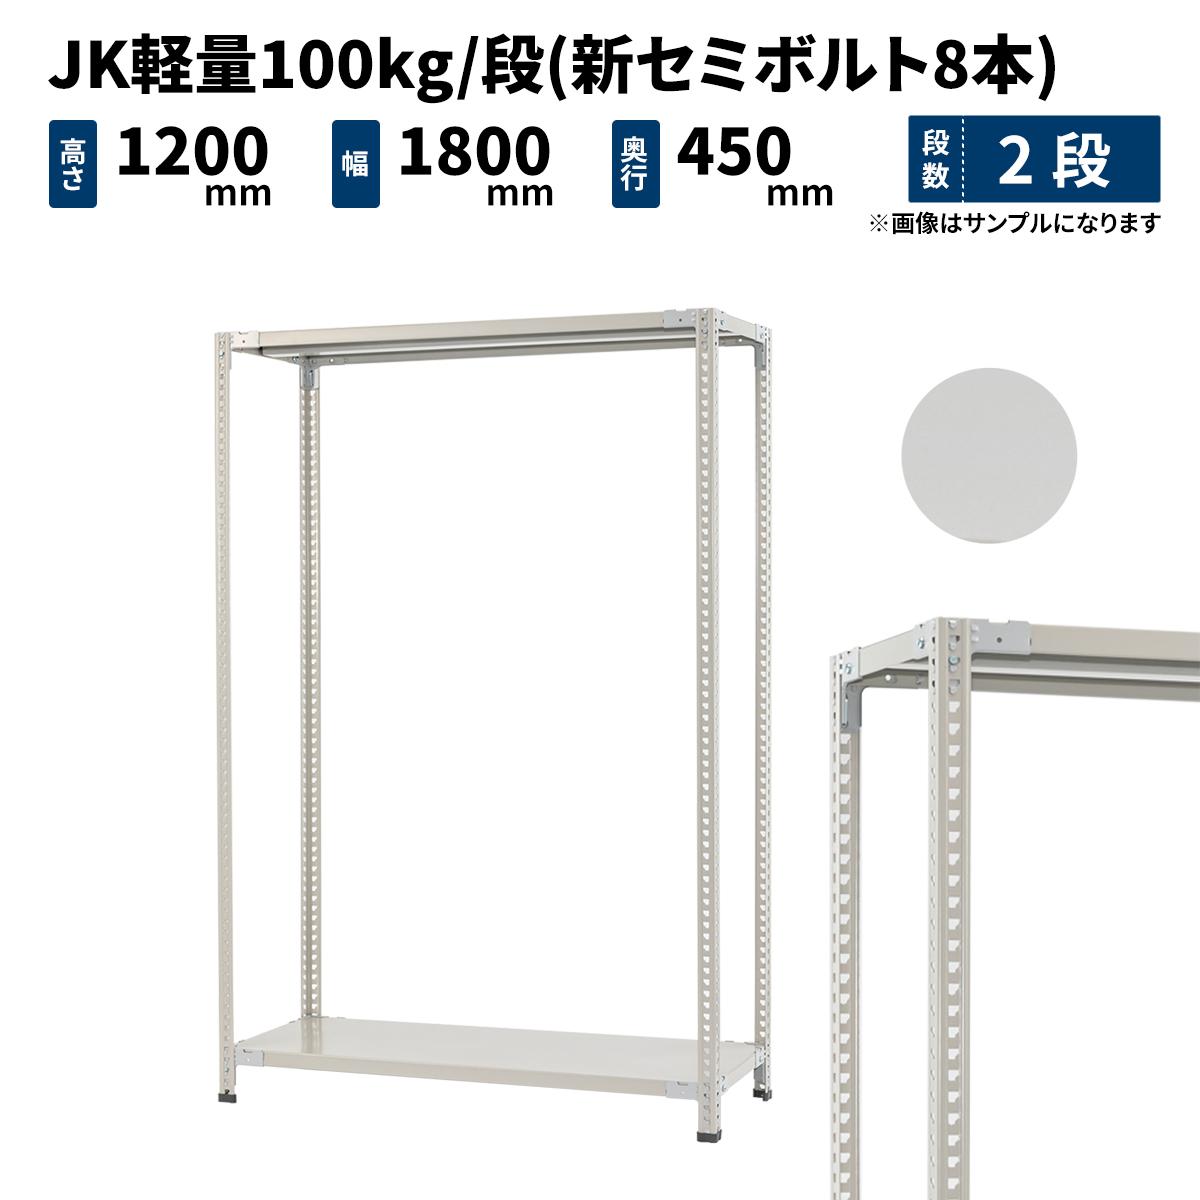 スチールラック 業務用 JK軽量100kg/段(新セミボルト8本) 高さ1200×幅1800×奥行450mm 2段 ホワイトグレー (26kg) JK100NT-121845-2